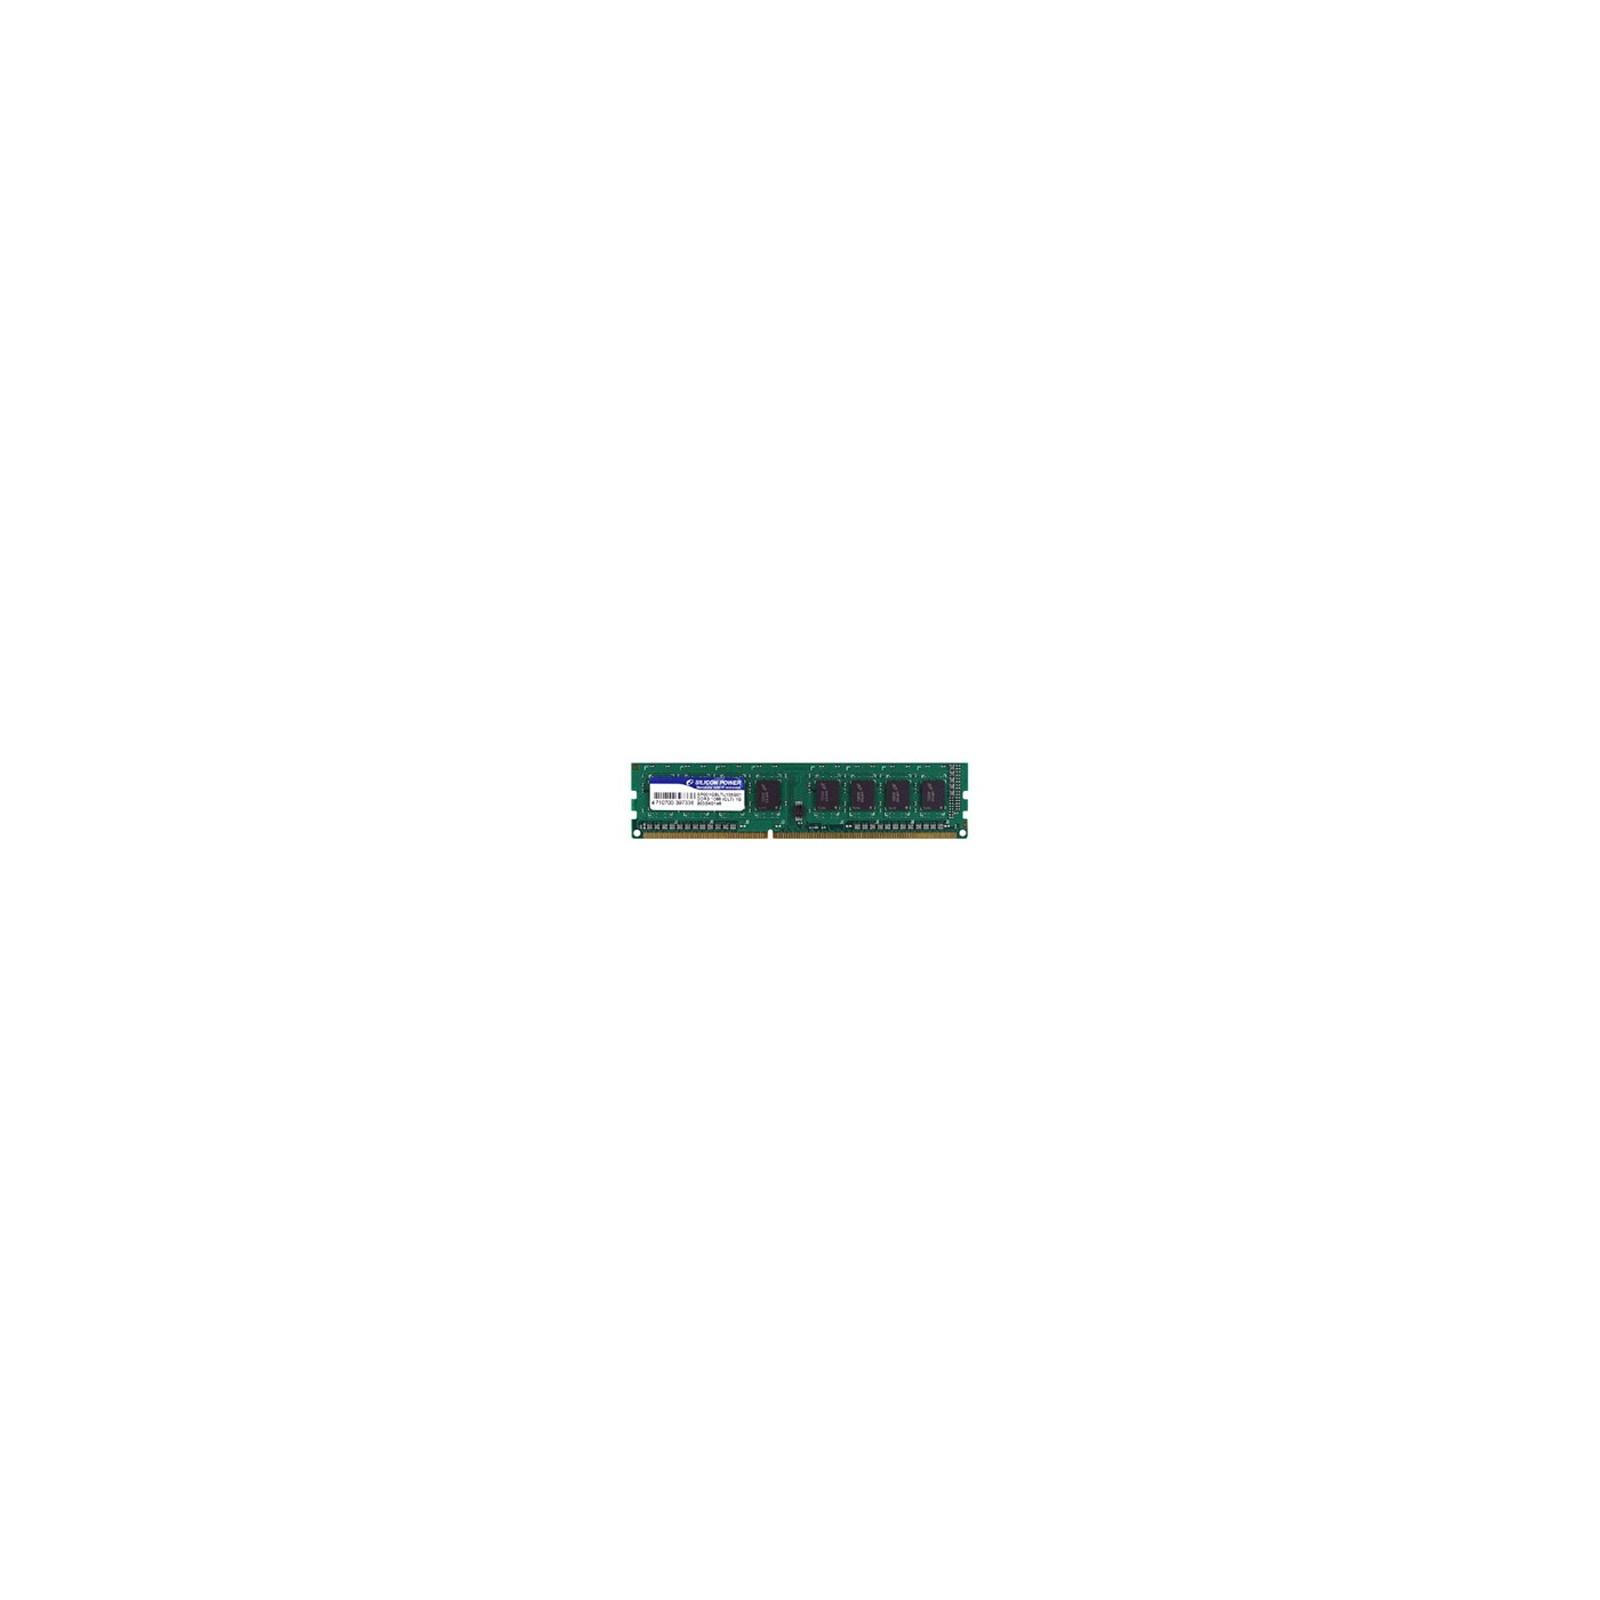 Модуль памяти для компьютера DDR3 4GB 1600 MHz Silicon Power (SP004GBLTU160N02 / SP004GBLTU160N01)